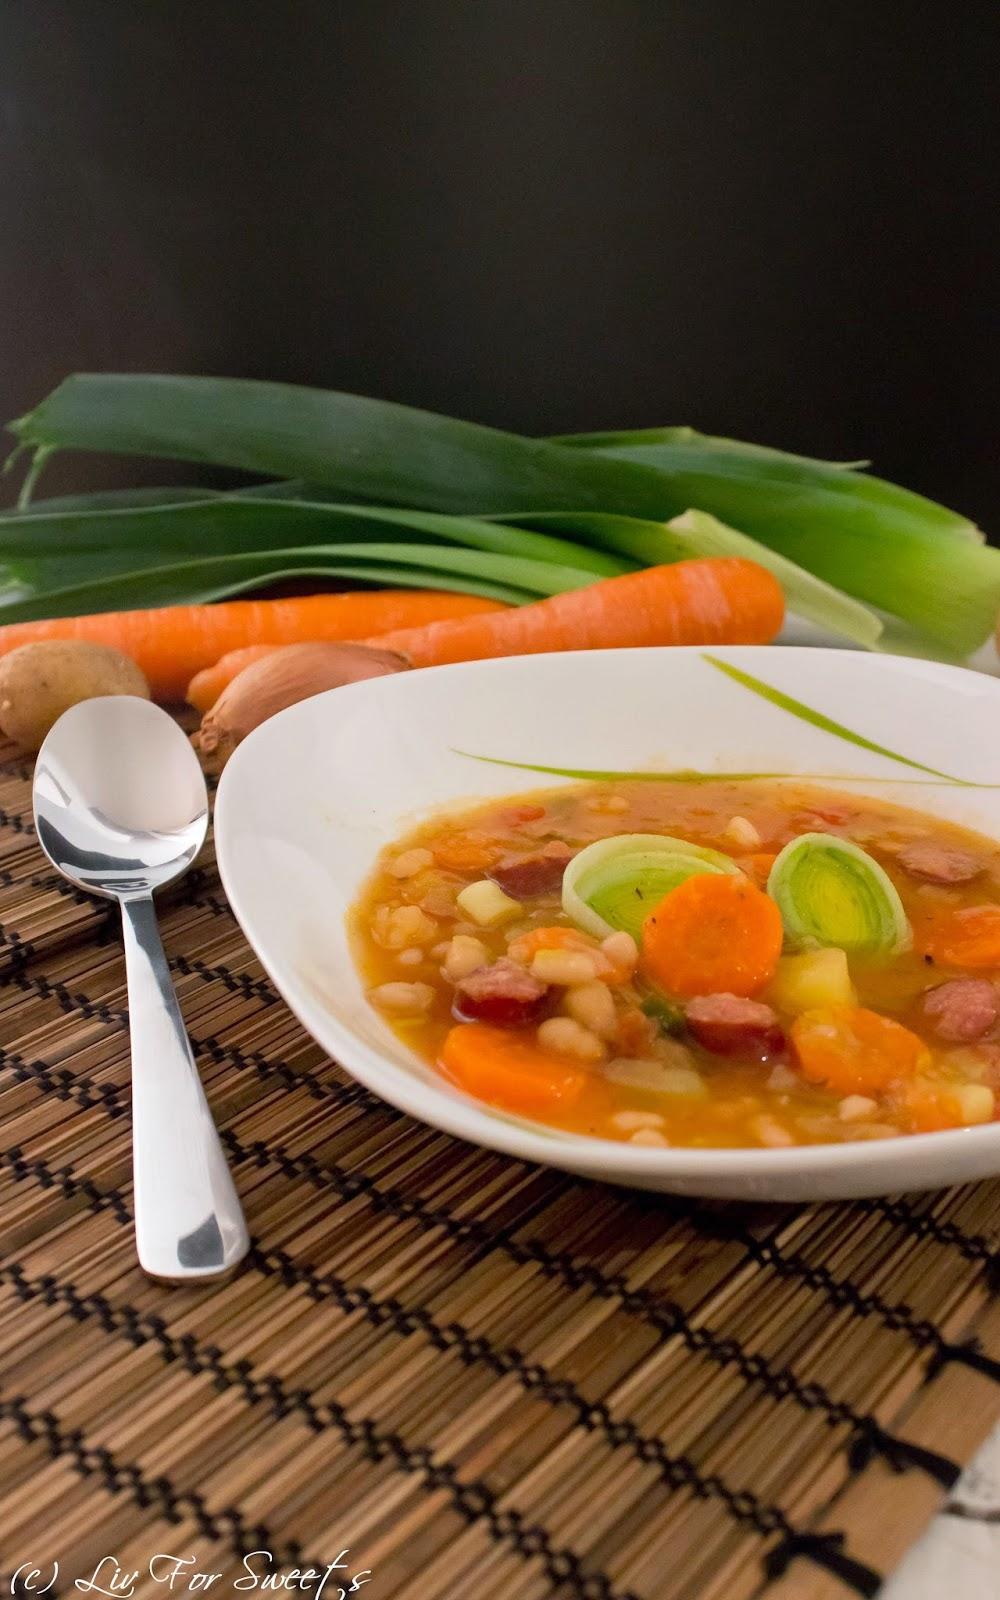 Rezept für eine Suppe mit Mettenden, weißen Bohnen, Möhren, Karotten, Kartoffeln, Porree, Lauch, Tomate, Kartoffel, Rezept auch für den Thermomix